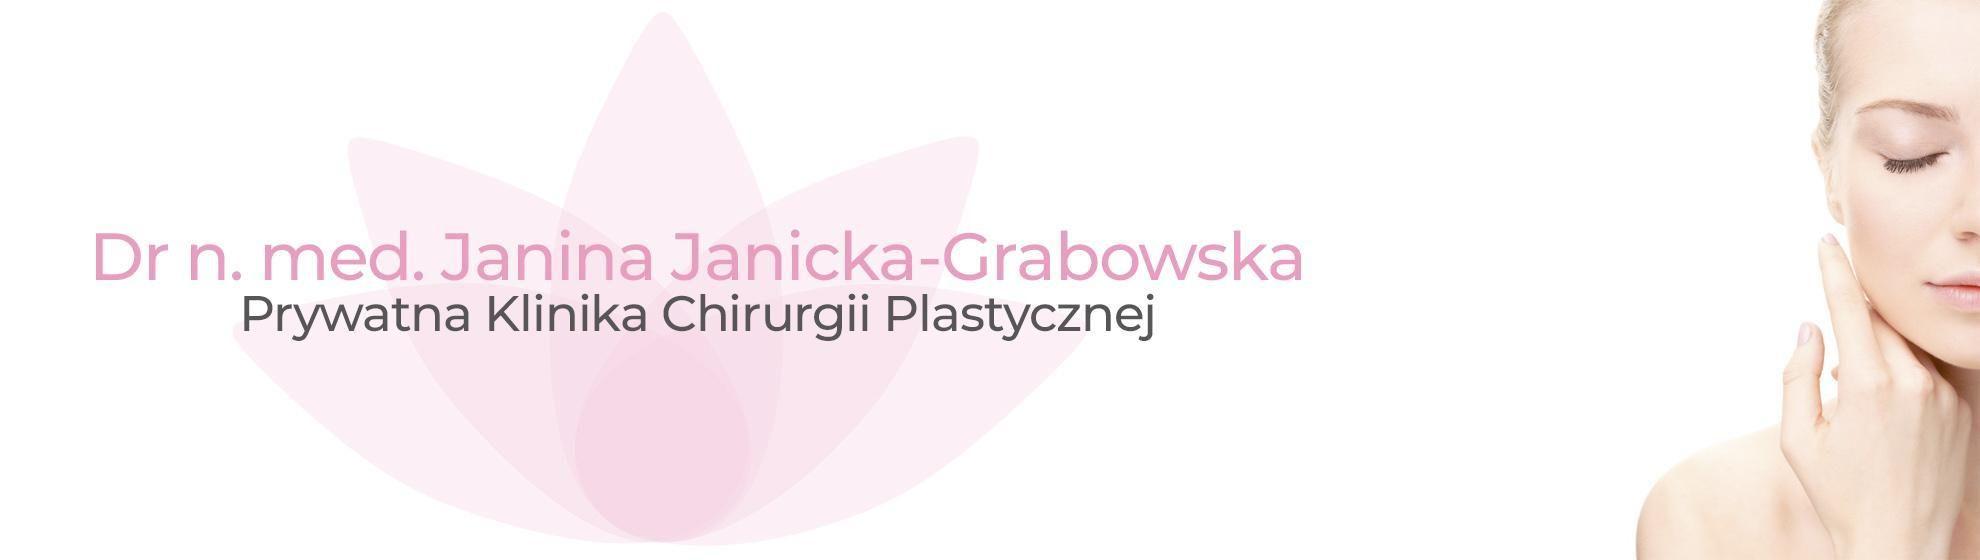 Dr n. med. Janina Janicka-Grabowska